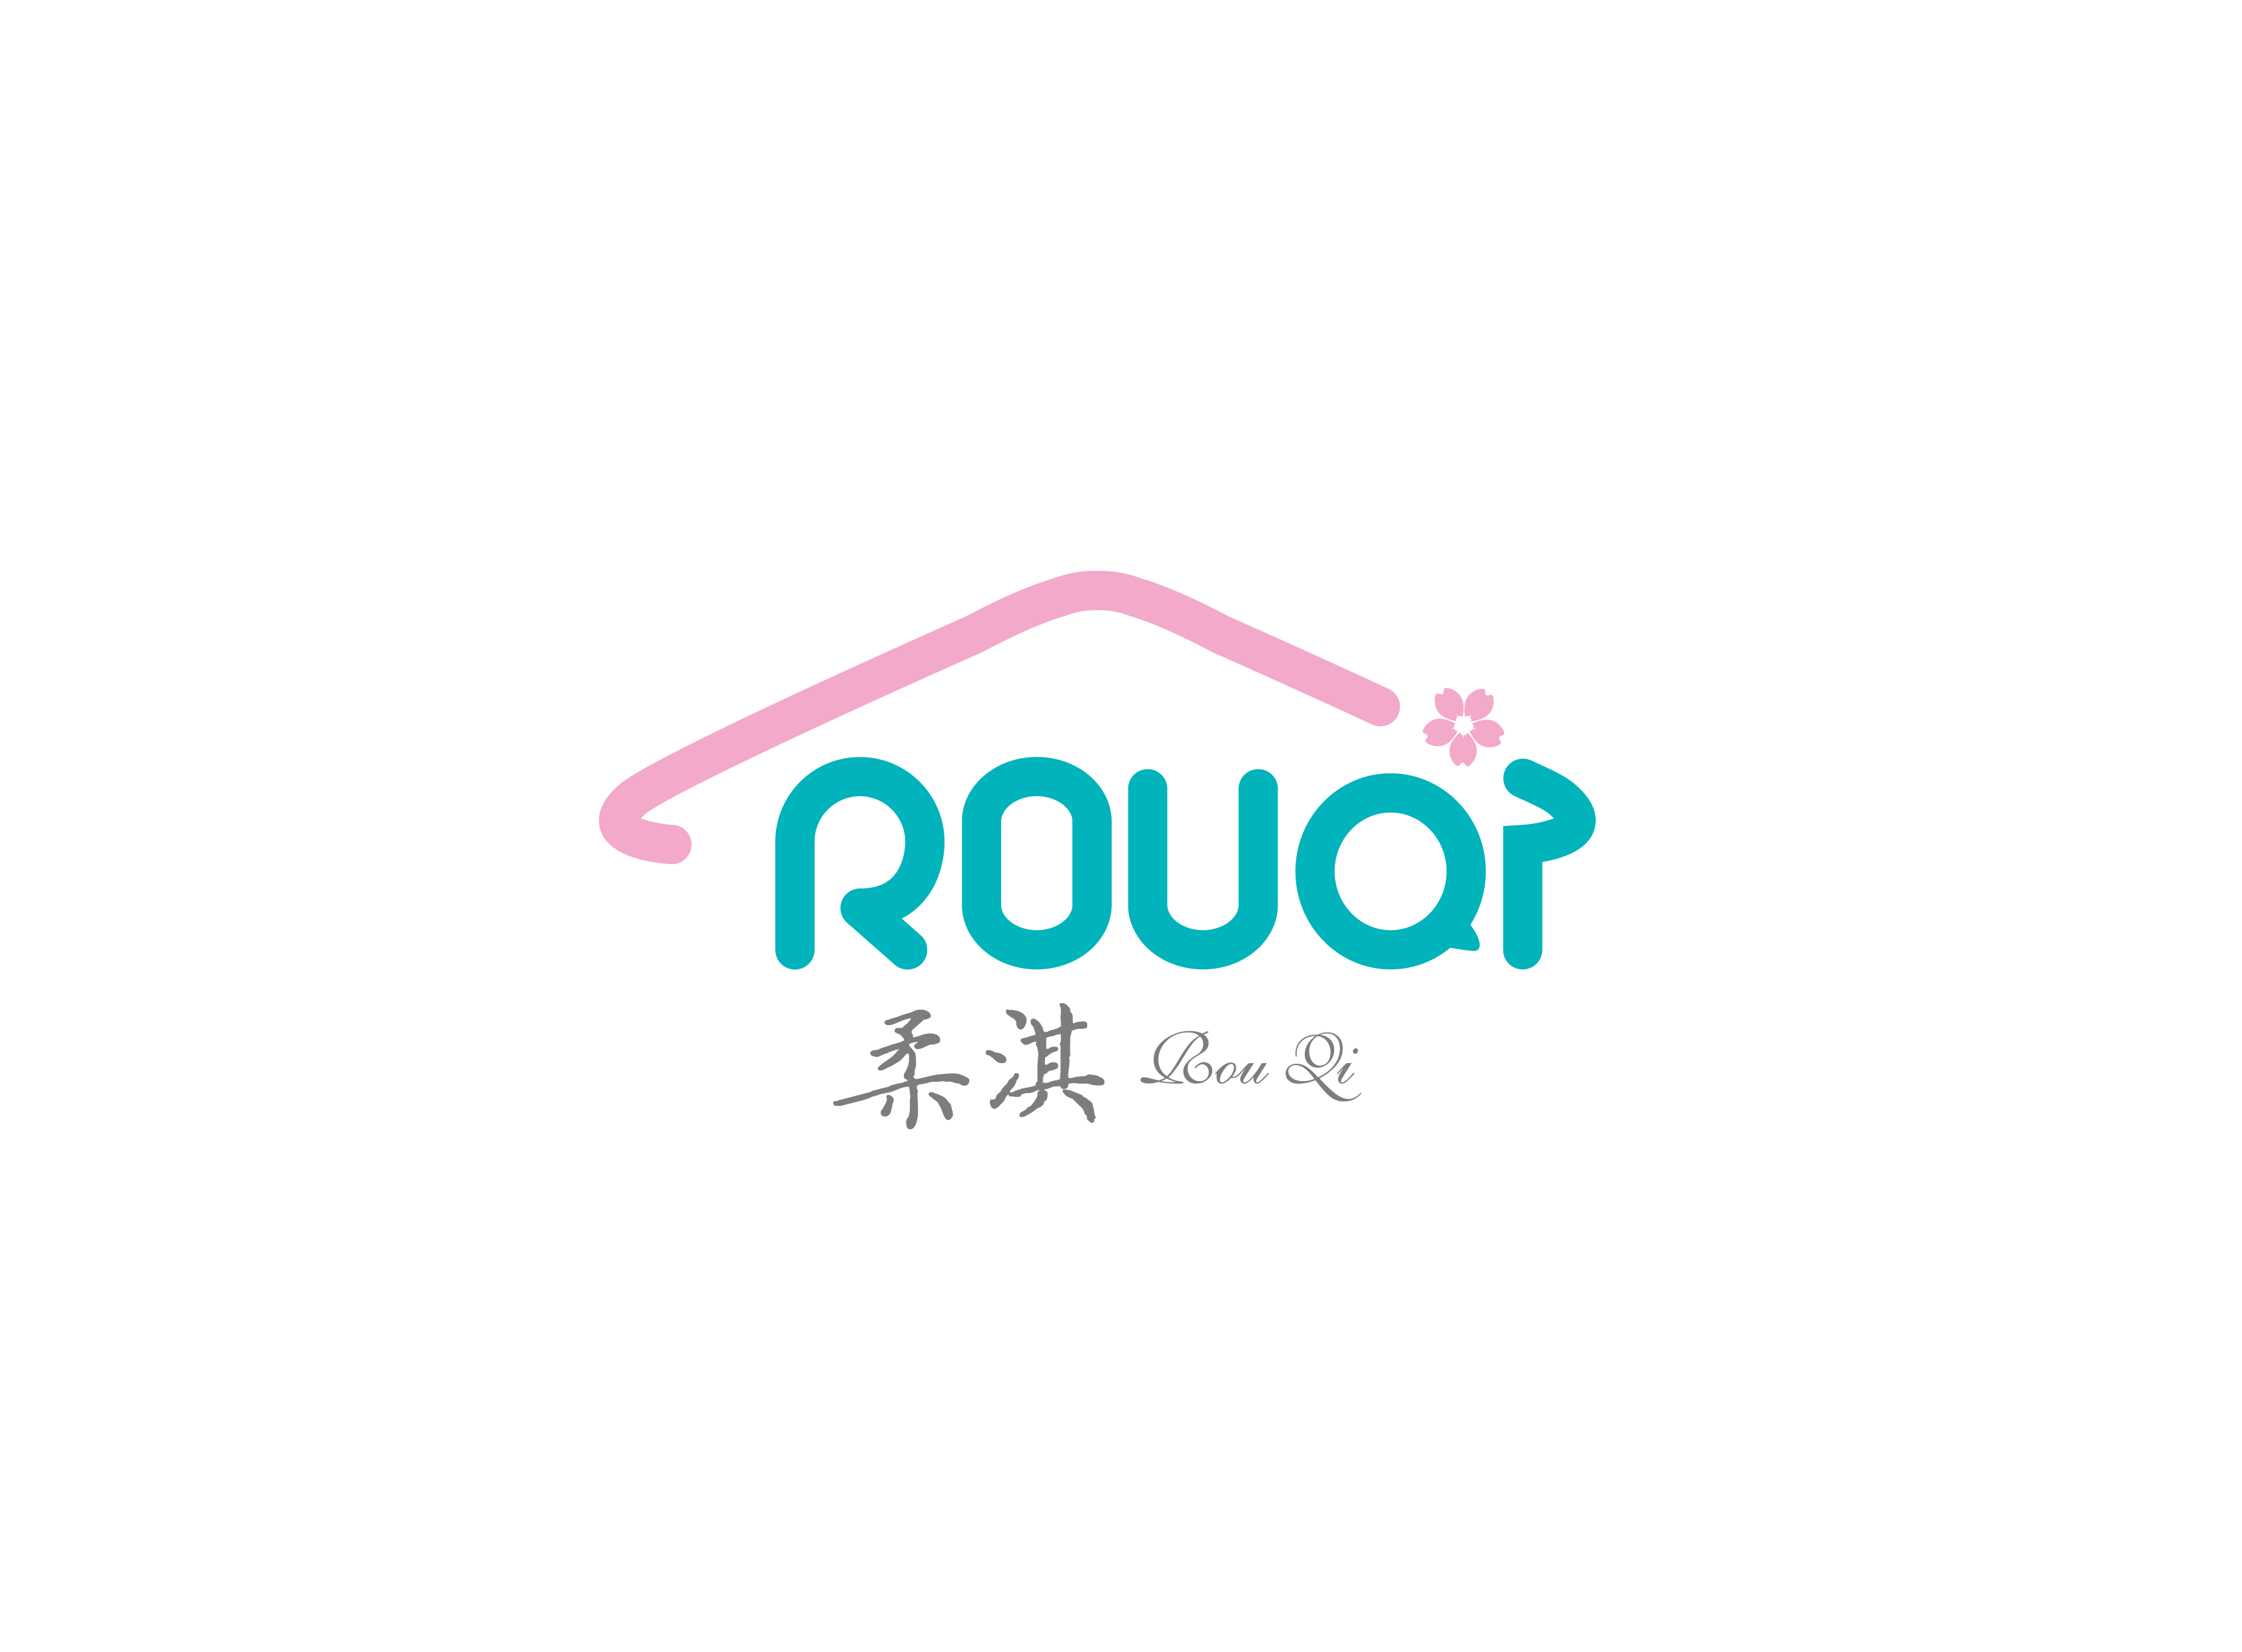 logo logo 标志 设计 矢量 矢量图 素材 图标 3366_2480